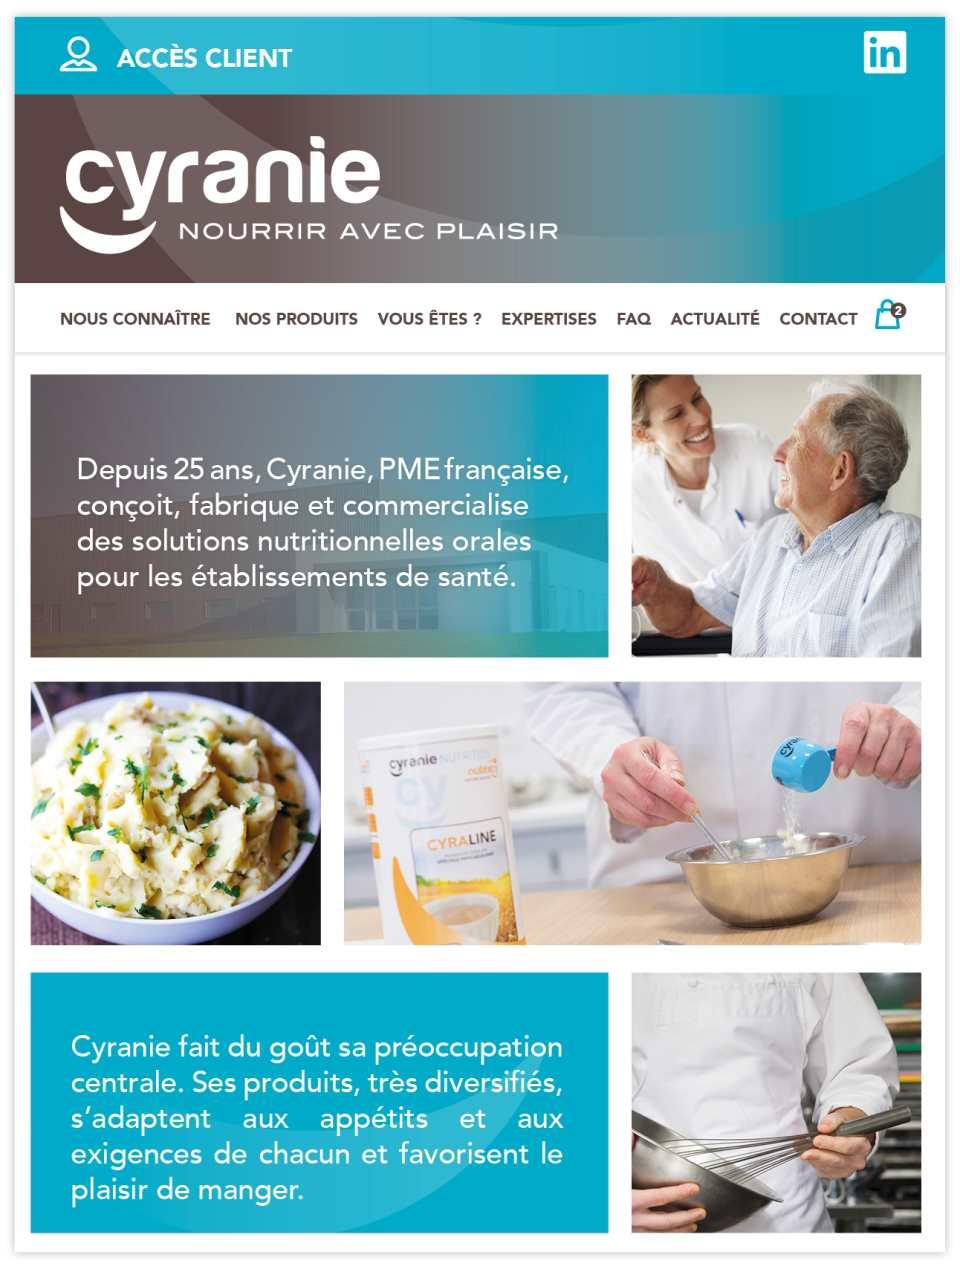 Nouveau-site-pour-Cyranie UNE REFONTE E-DEVIS POUR LA NUTRITION - iStudio - Agence Web 360° à Cholet